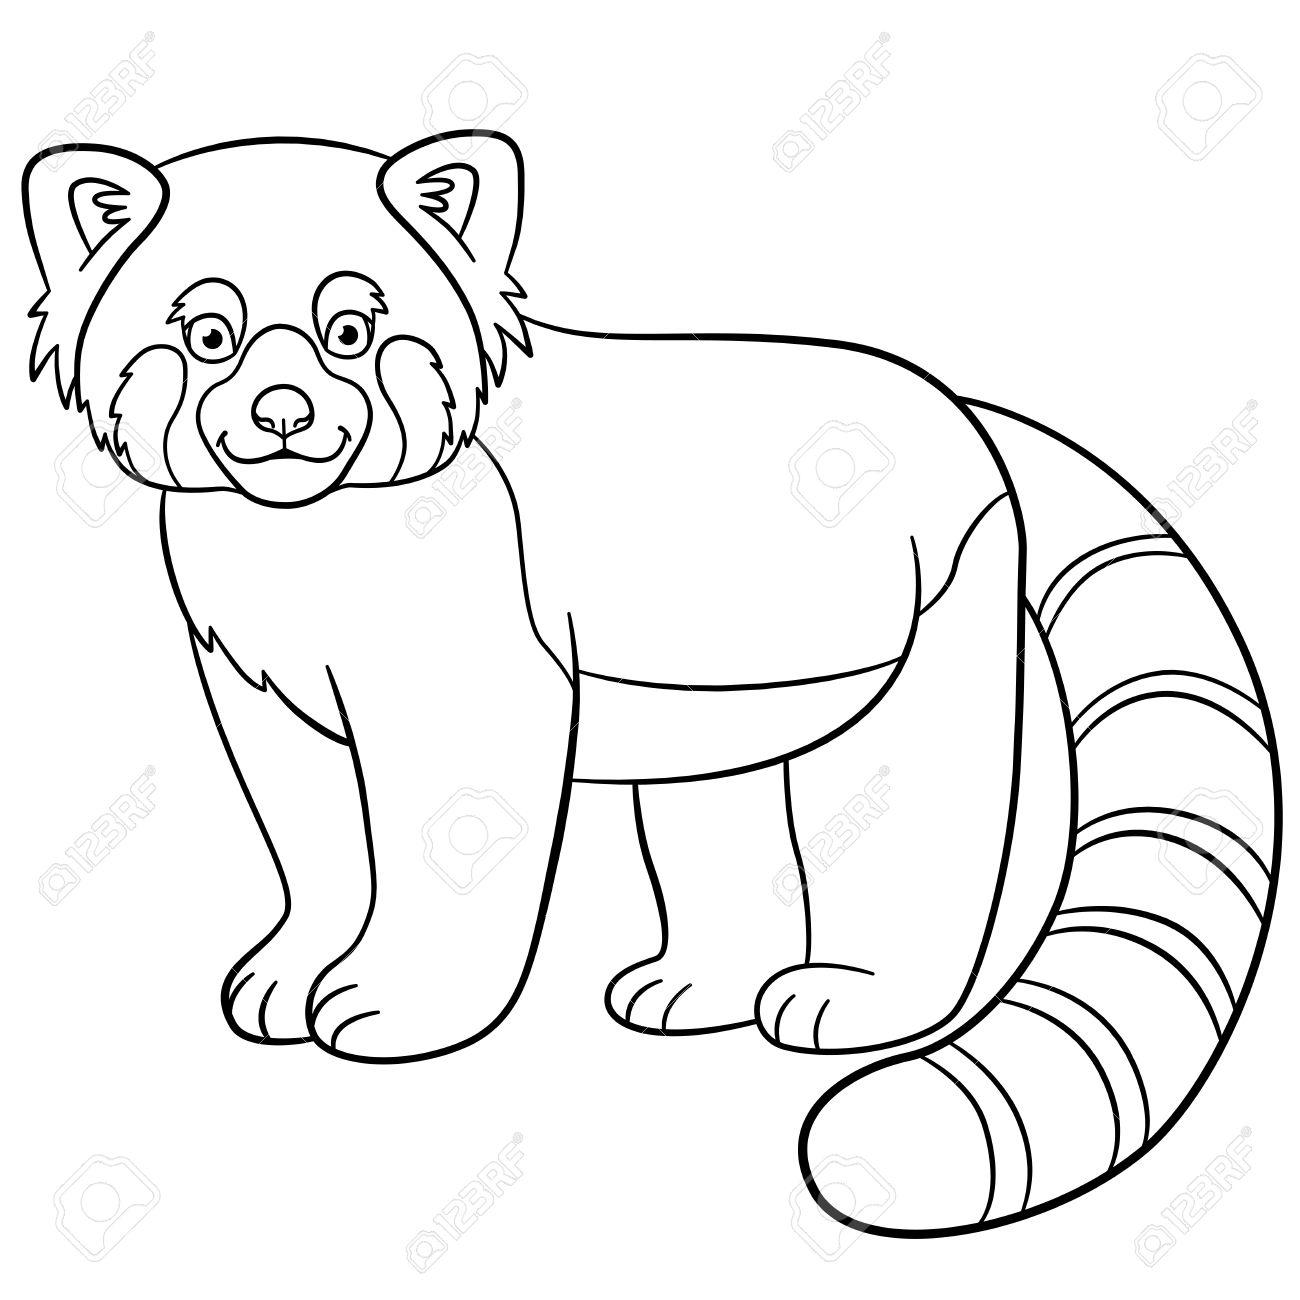 Panda Cute Drawing At Getdrawings